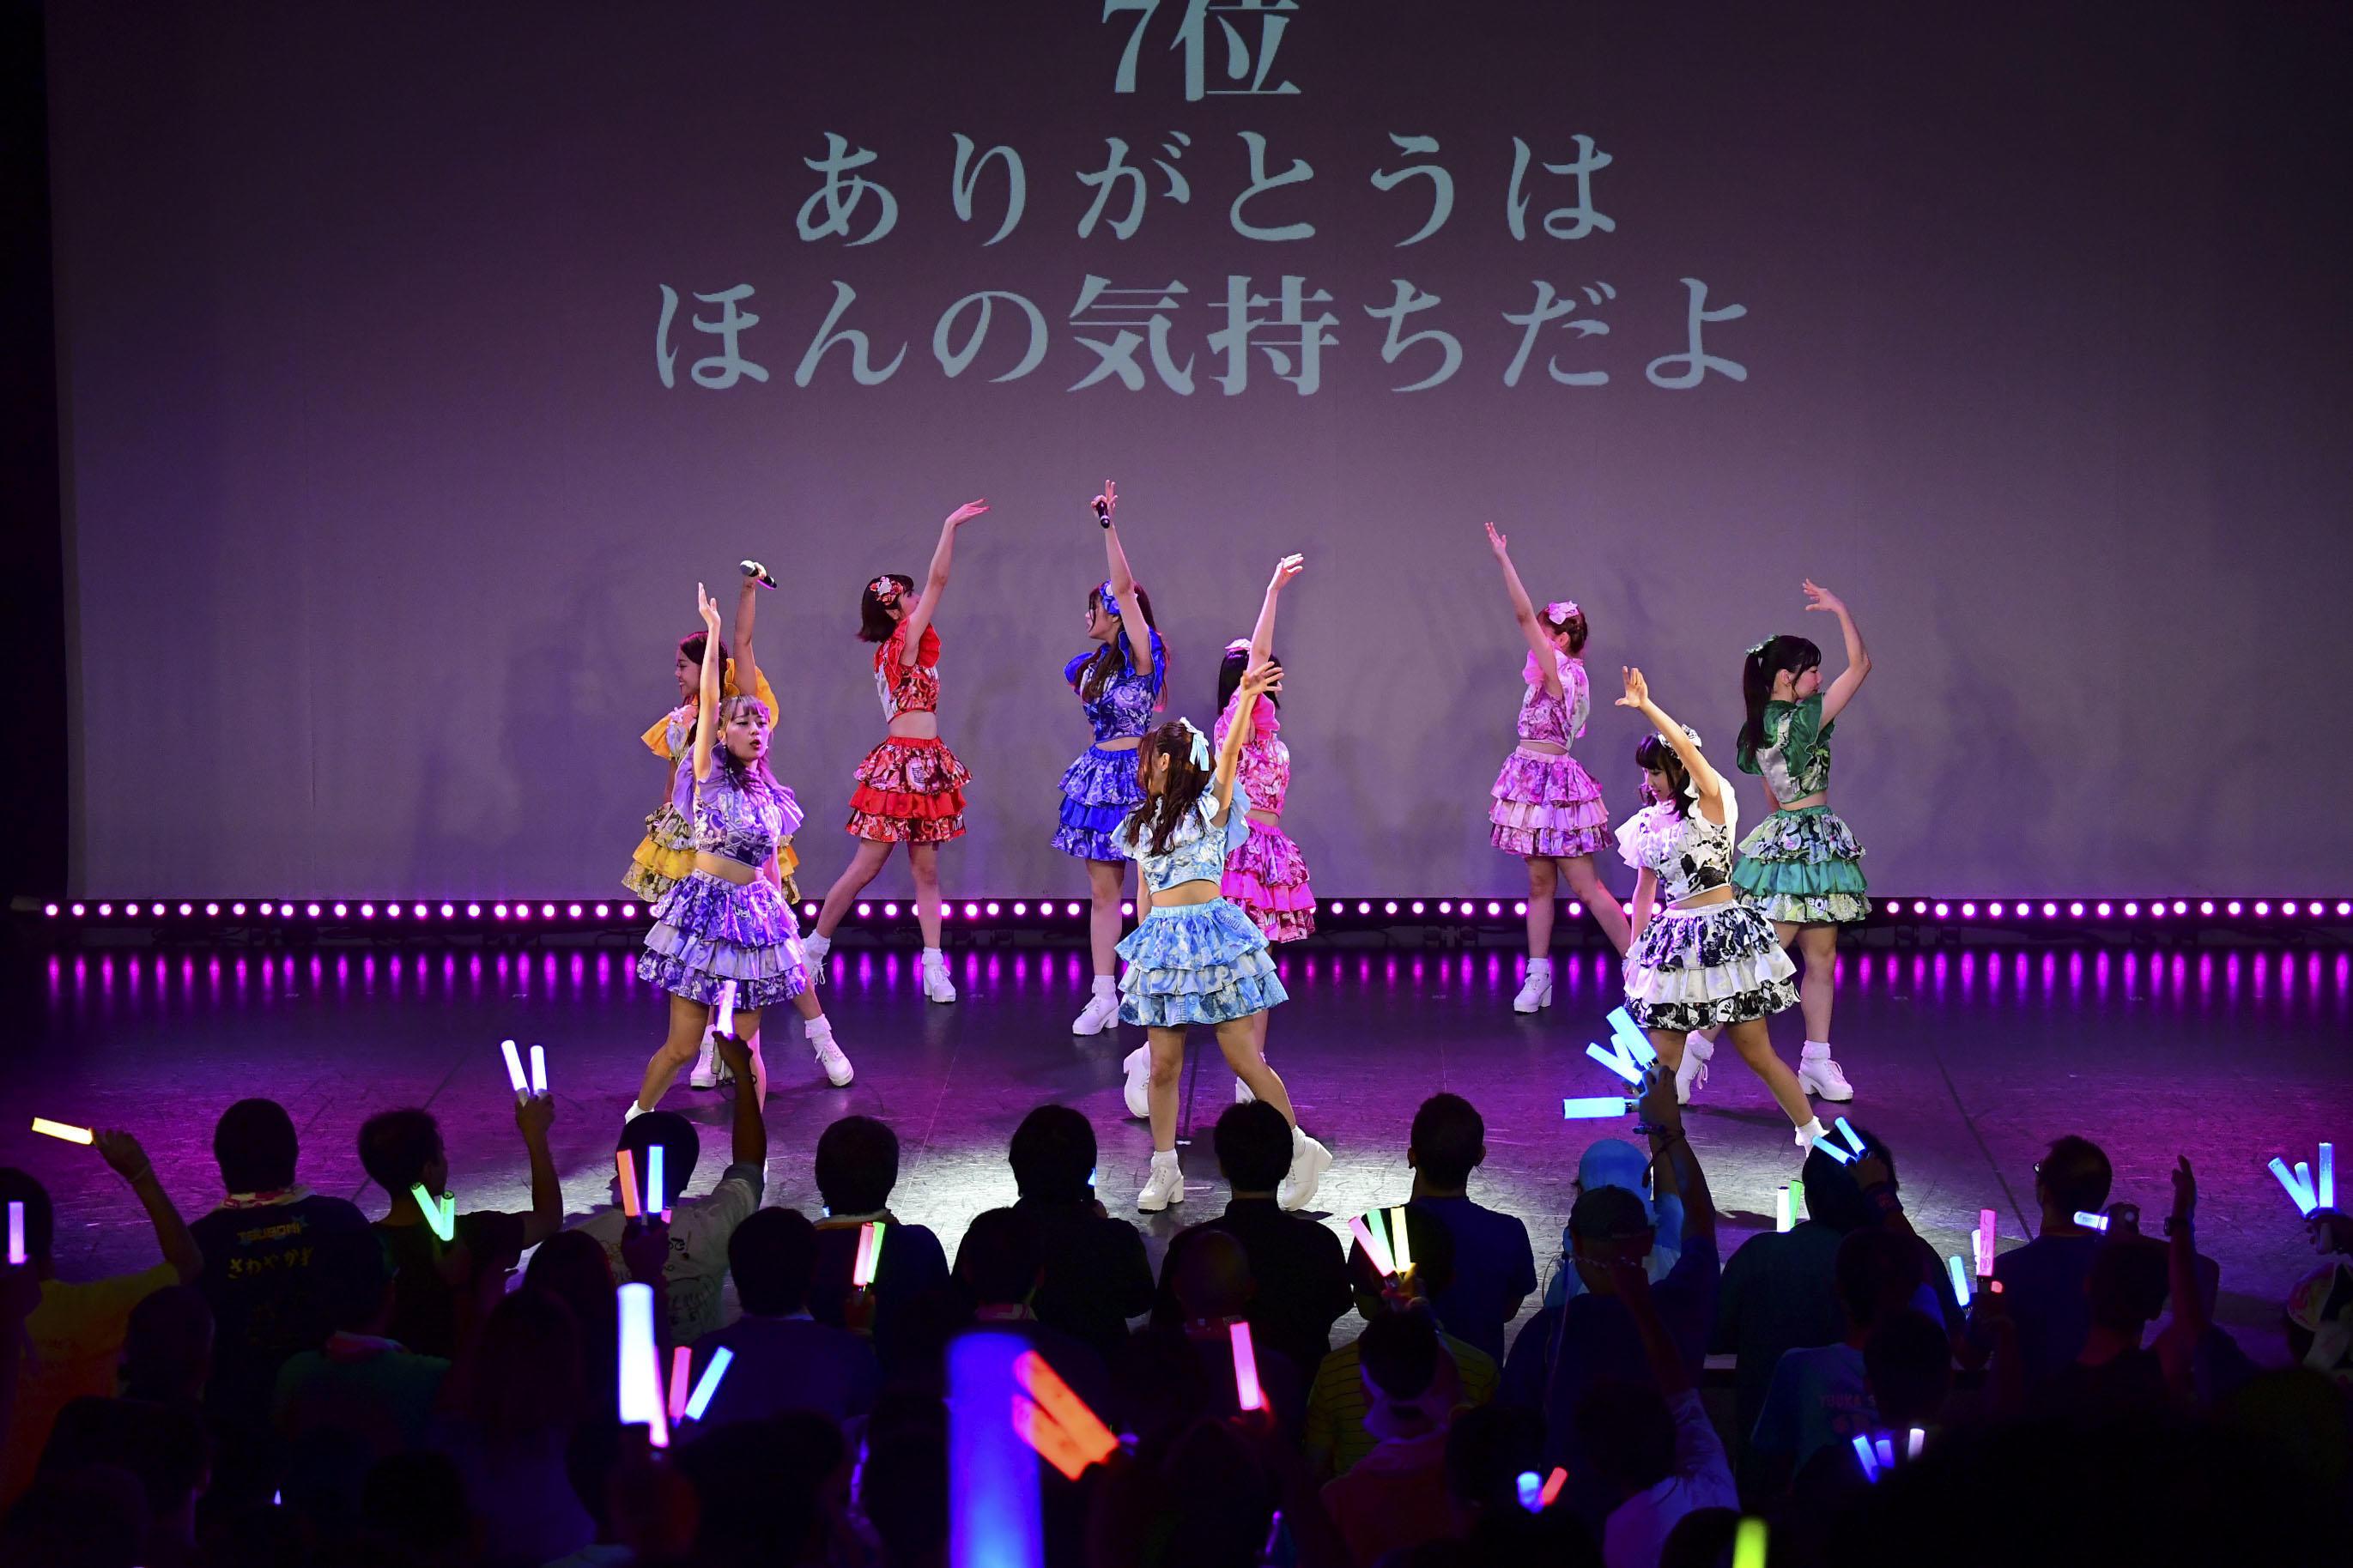 http://news.yoshimoto.co.jp/20170911120636-7e9e52bce6d6c81914535c28444e09a7b03f4459.jpg